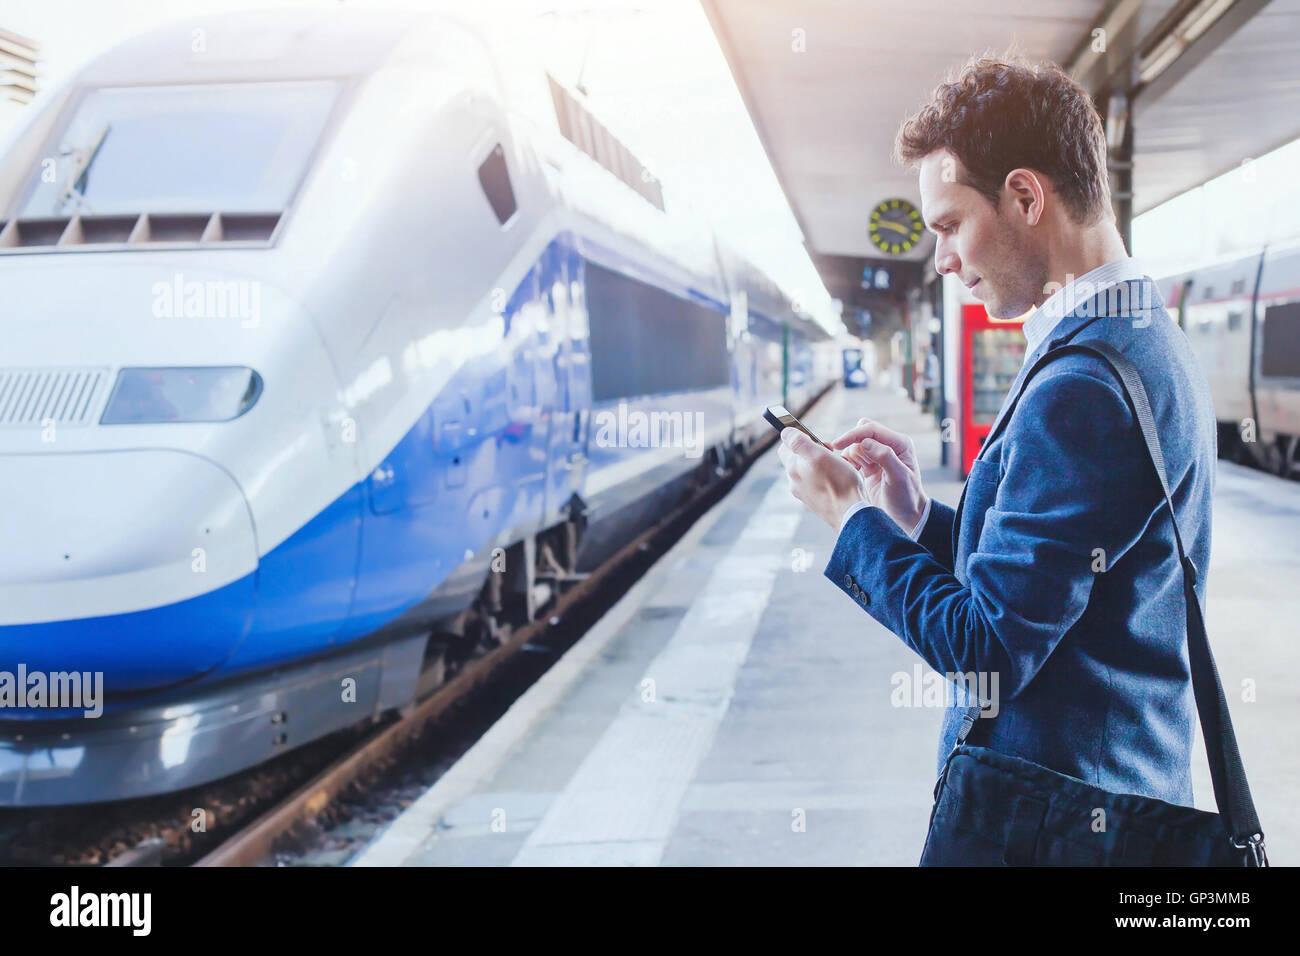 Hombre utilizando aplicaciones móviles en su smartphone en la estación de tren, los viajes de negocios Foto de stock